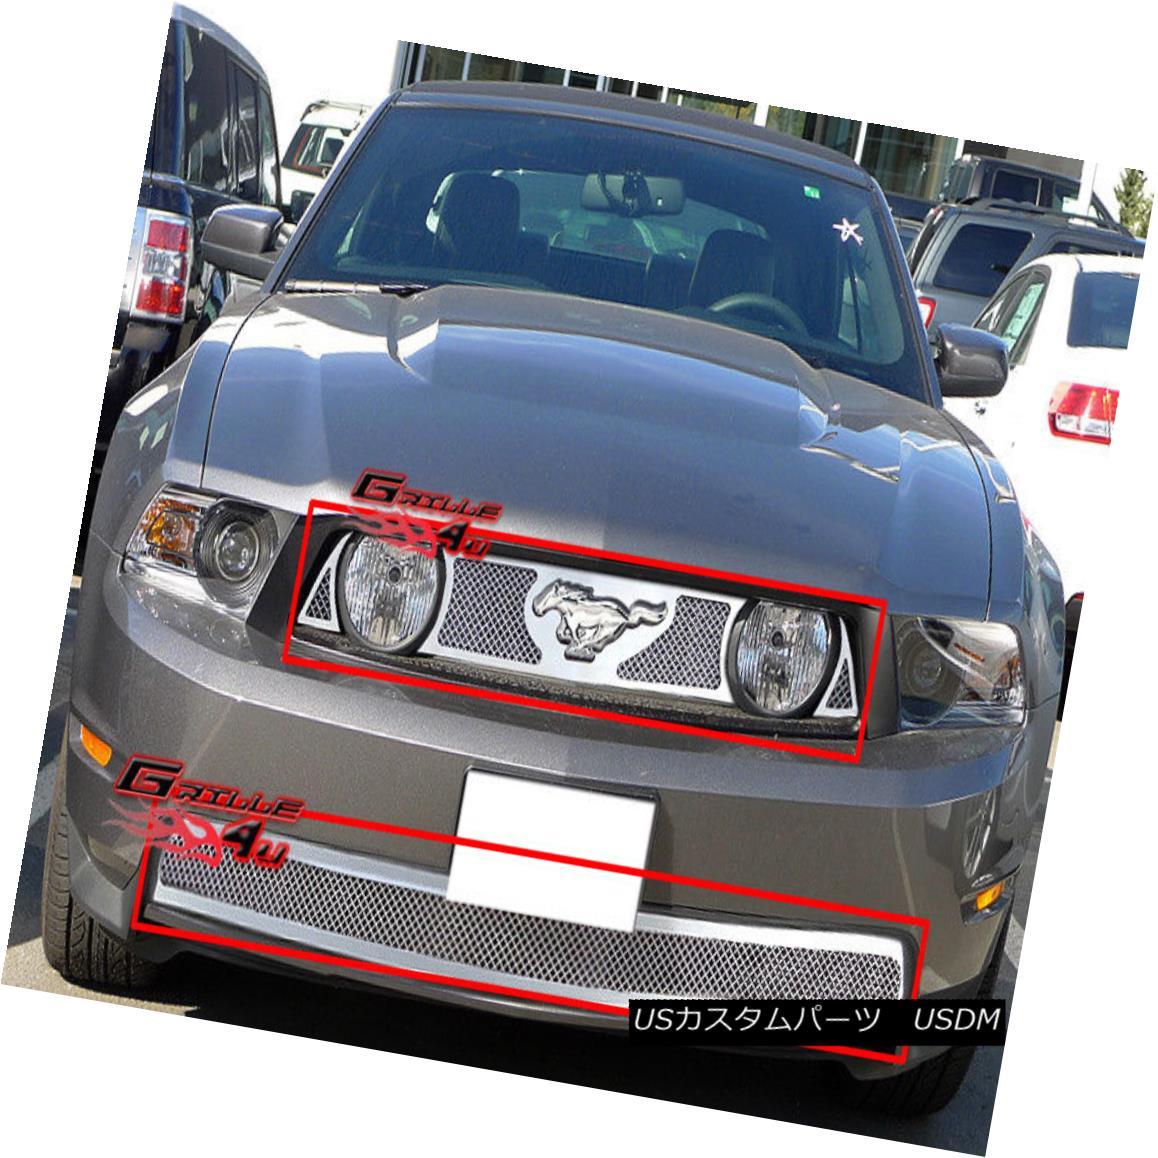 グリル Fits 2010-2012 Ford Mustang GT V8 Stainless Steel Mesh Grille Grill Combo フィット2010-2012フォードマスタングGT V8ステンレスメッシュグリルグリルコンボ